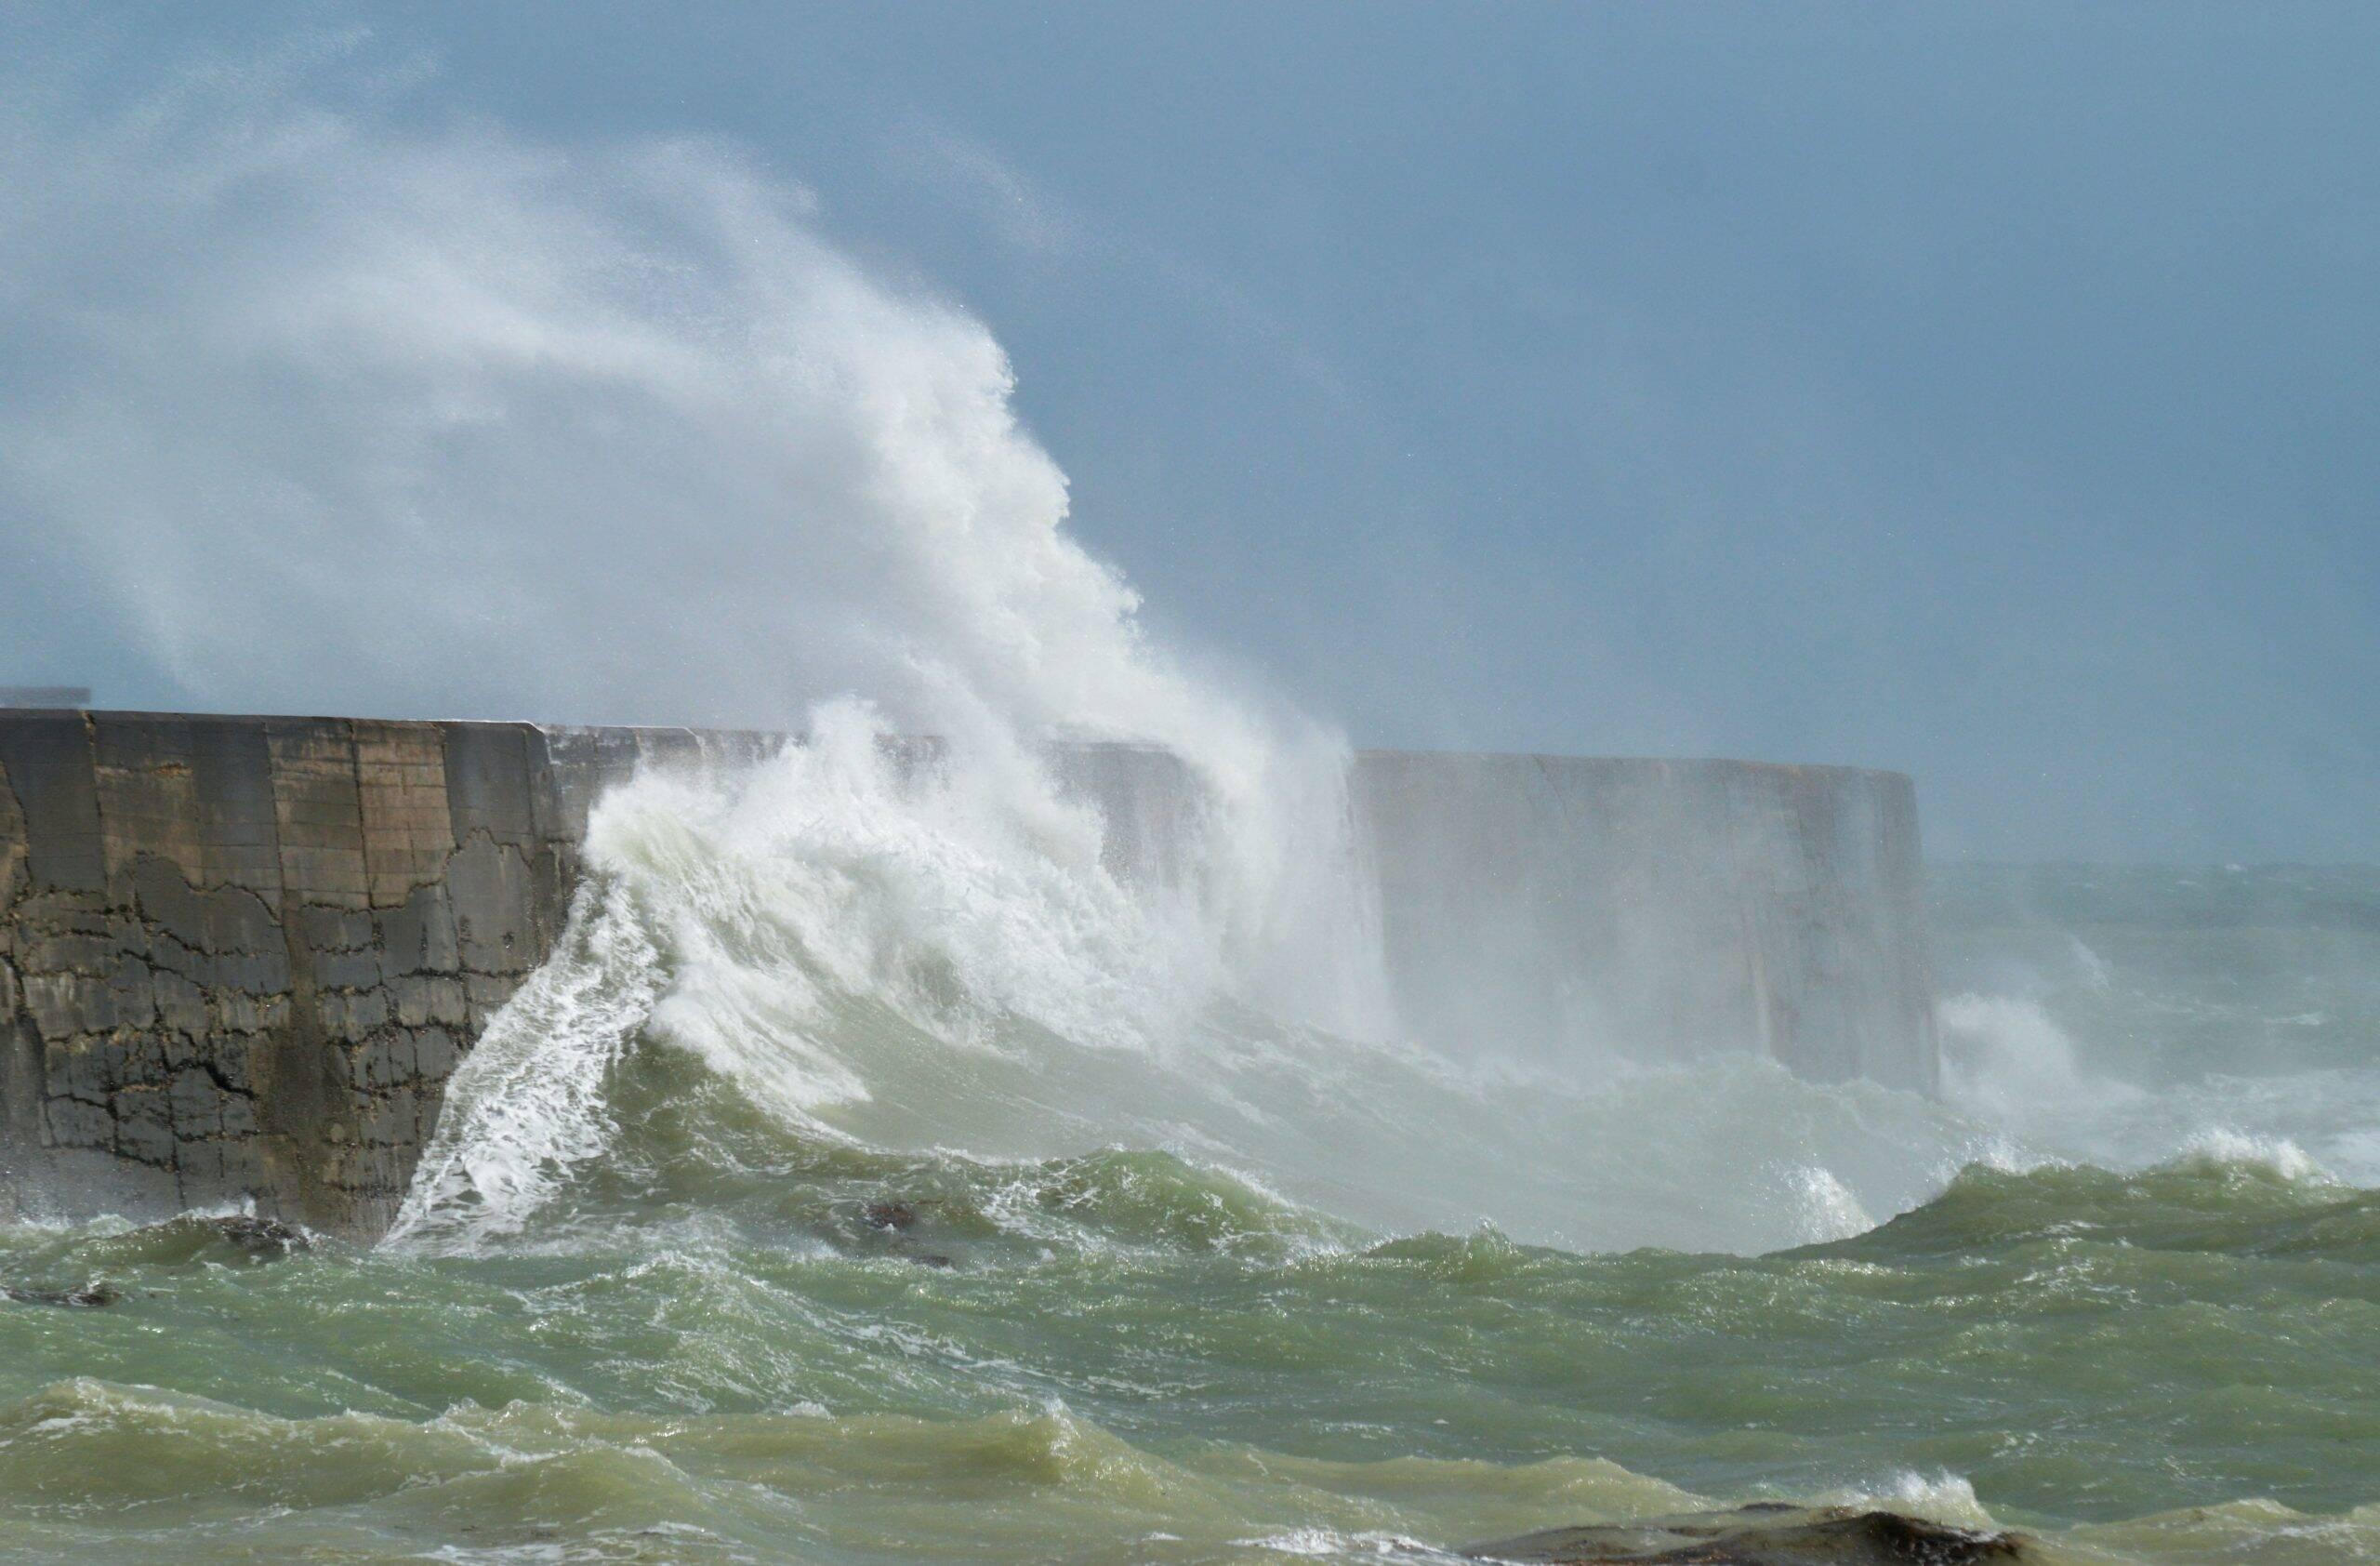 Em outubro de 1707, um tsunami de magnitude 8.4 atingiu Nankaido no Japão, matando 30 mil pessoas. (Foto: Unsplash)